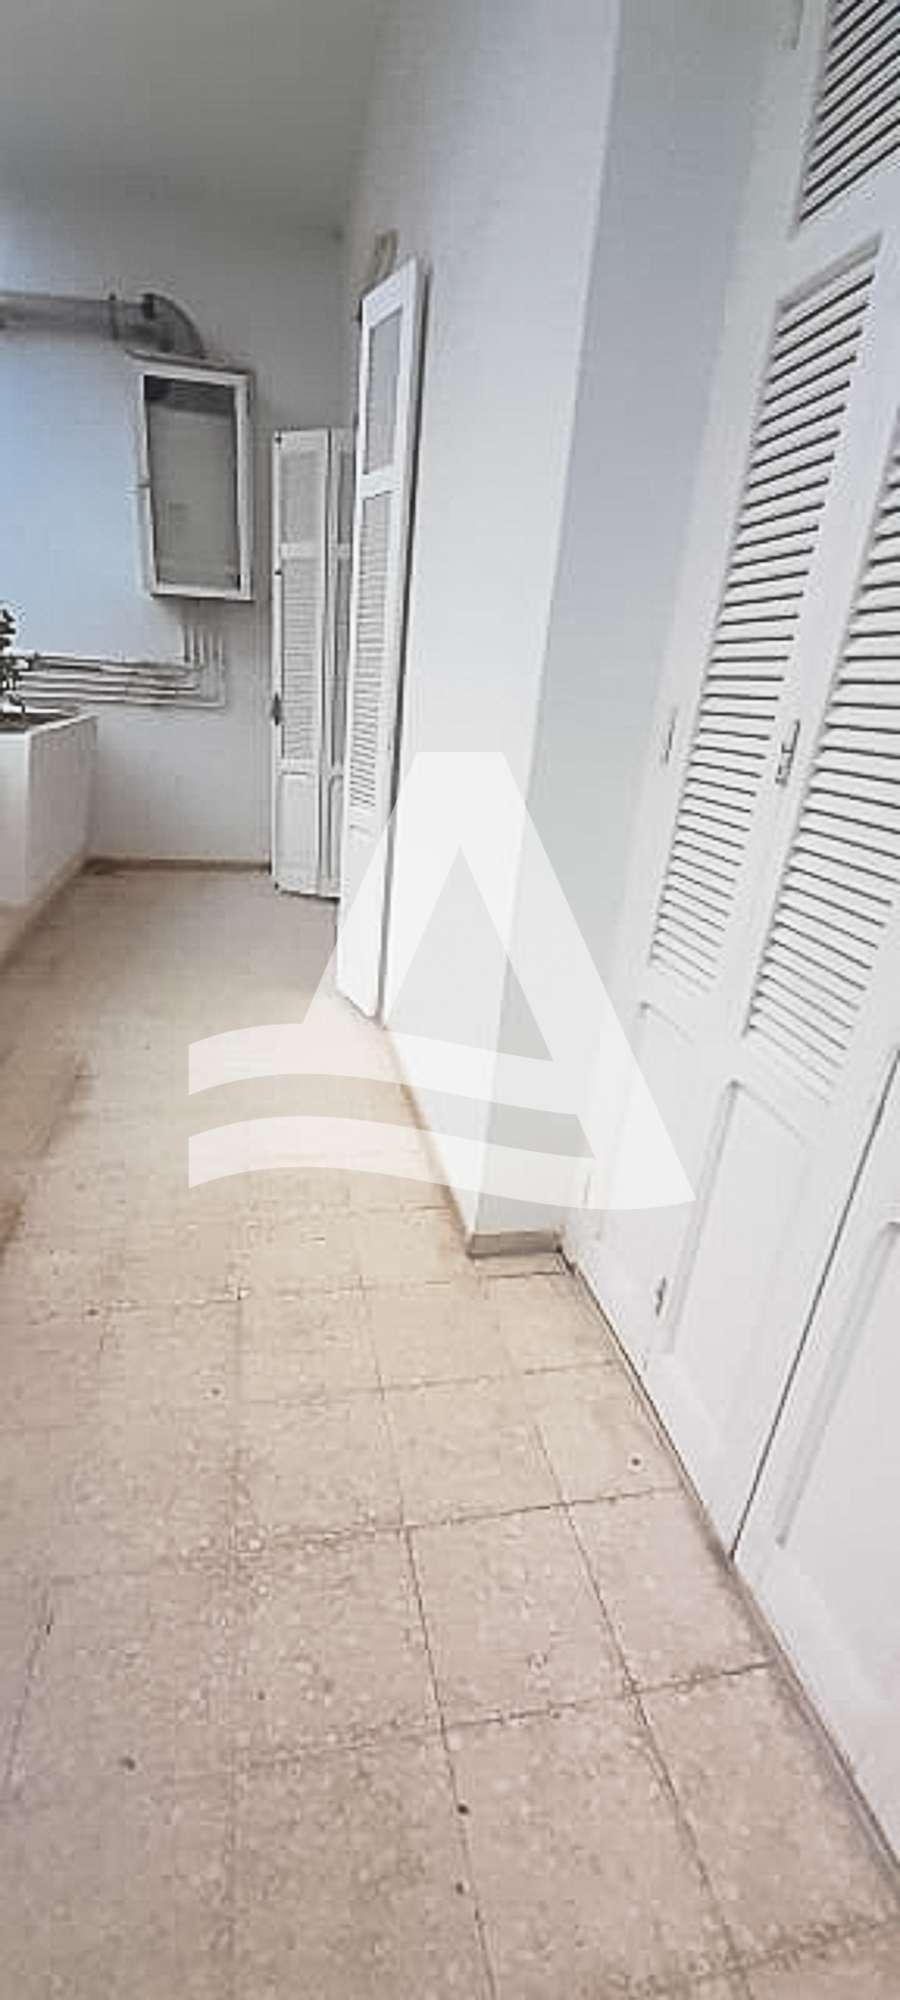 httpss3.amazonaws.comlogimoaws_Arcane_immobilière_la_Marsa-_location_-_vente_la_marsa__-4_1583429652968-2